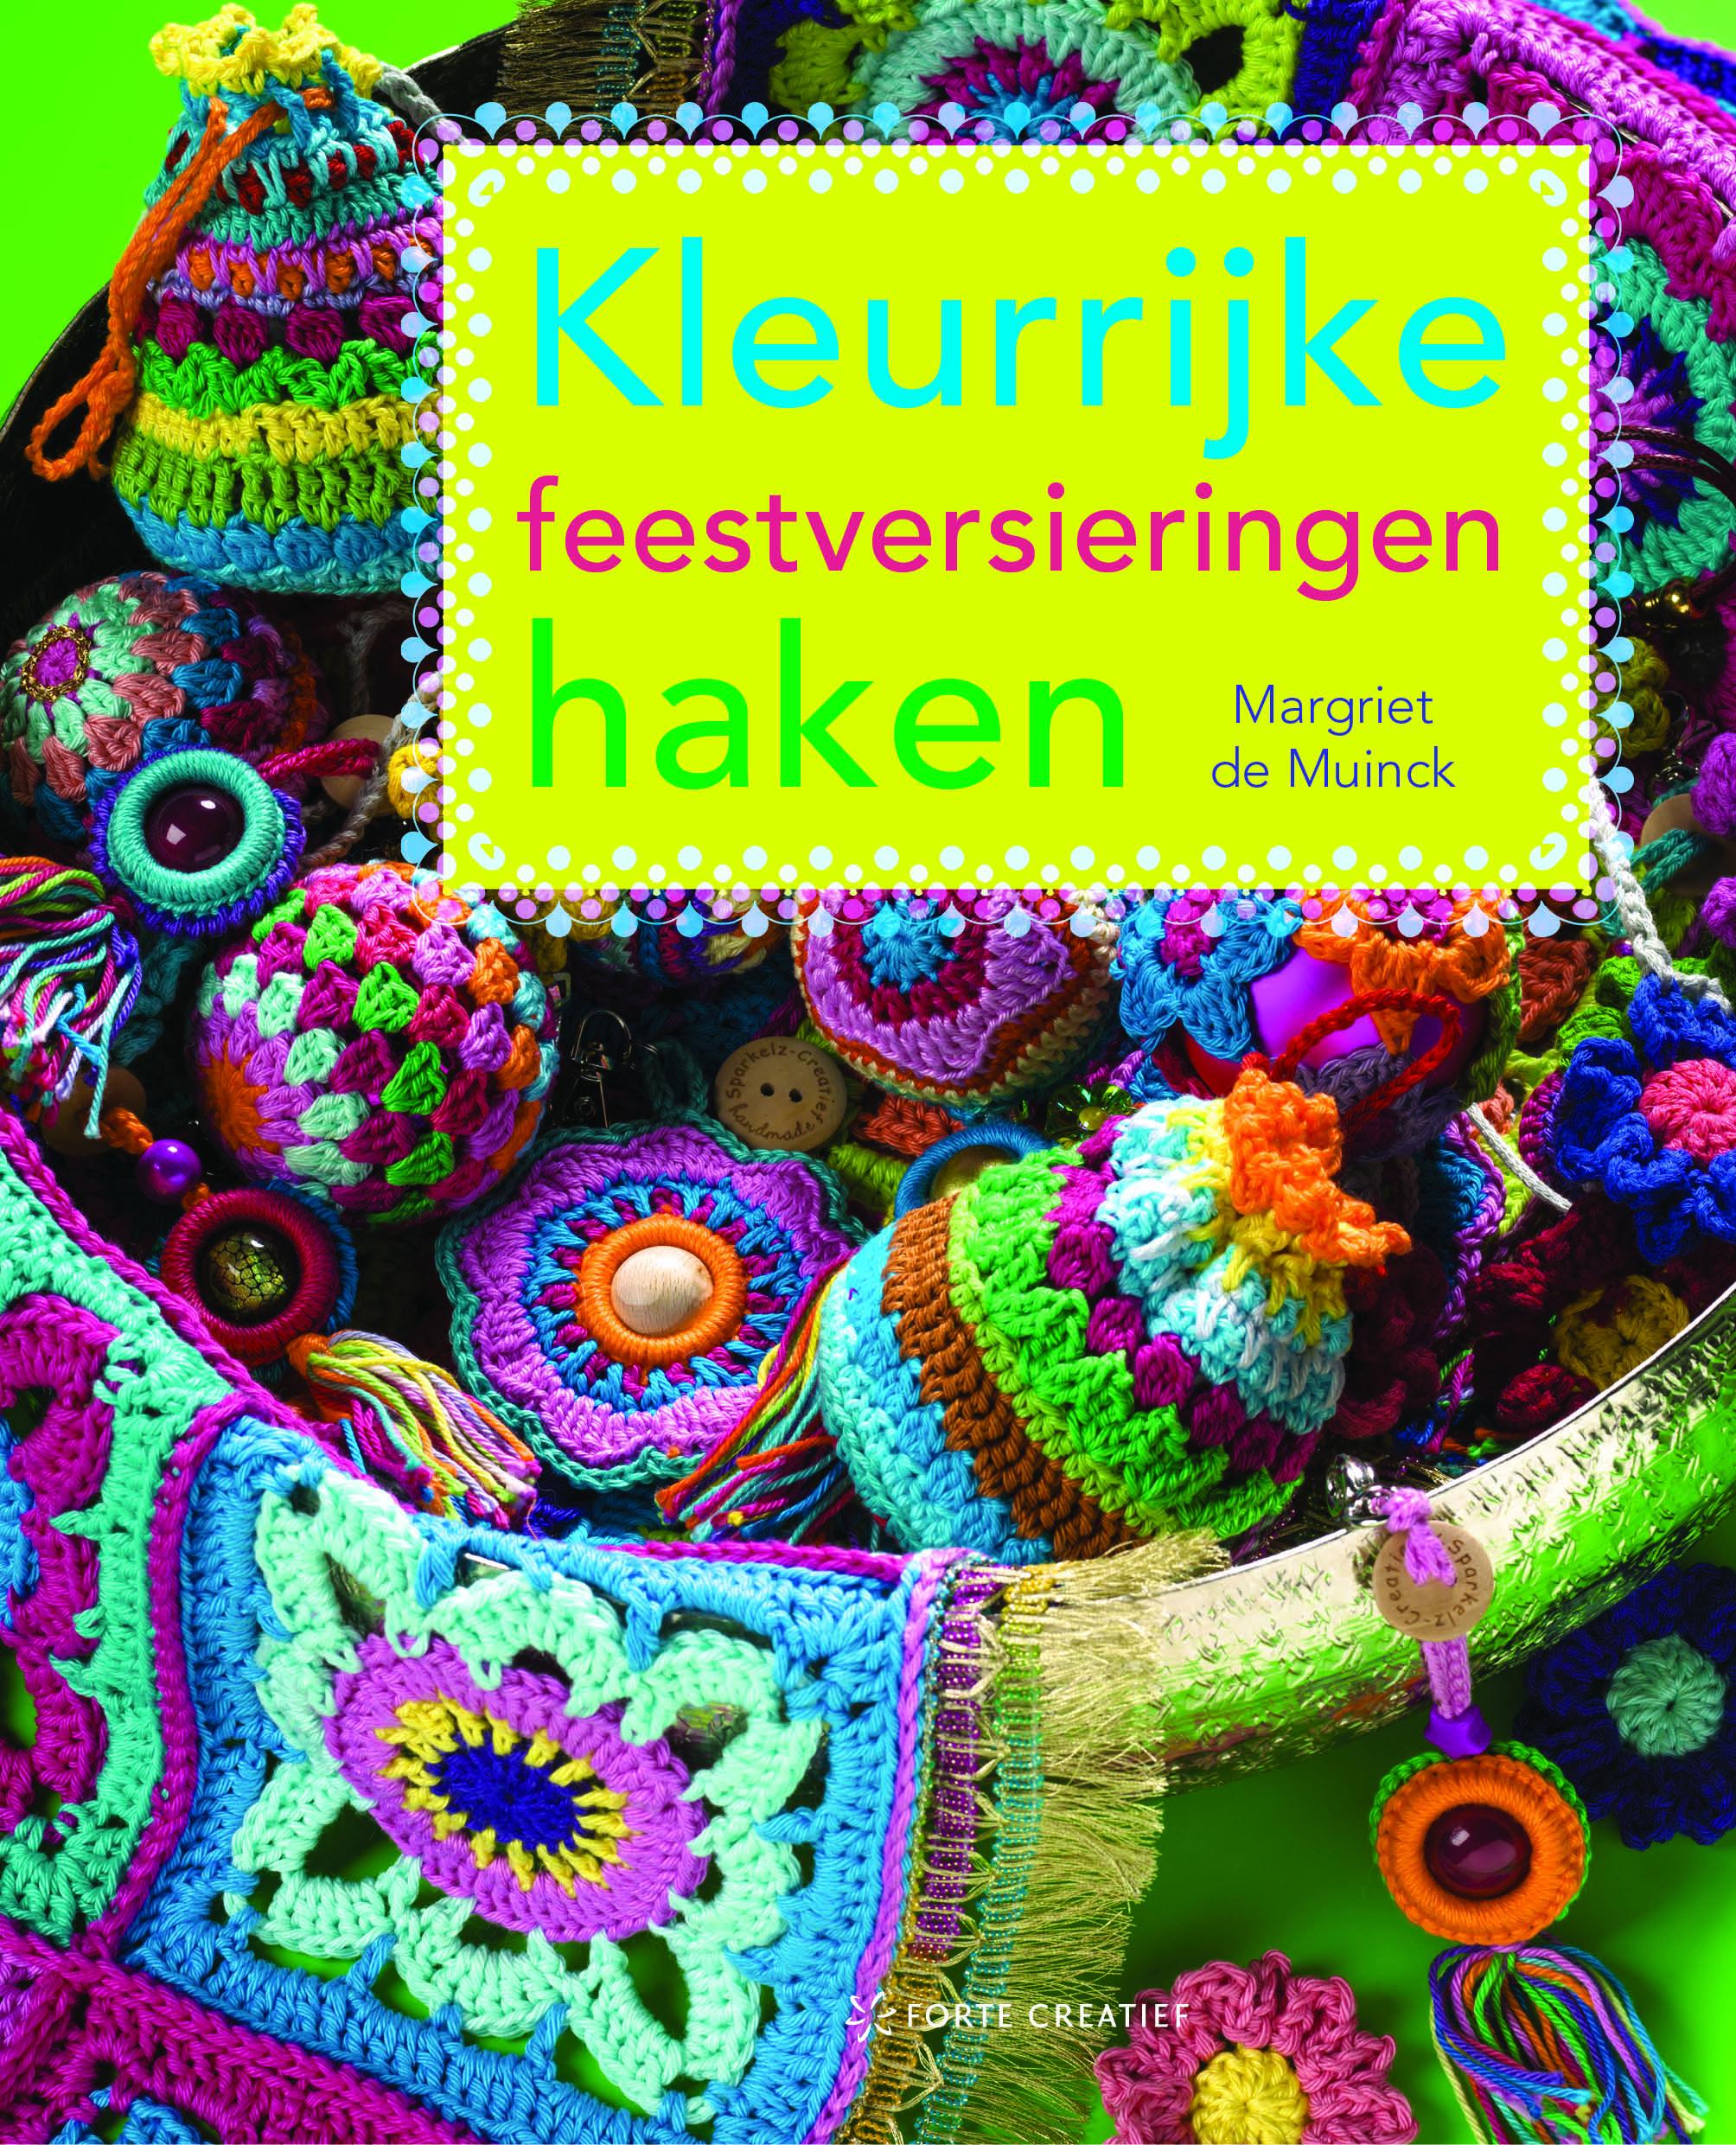 https://www.sparkelz-creatief.nl/images/haken/klein/KFH.jpg